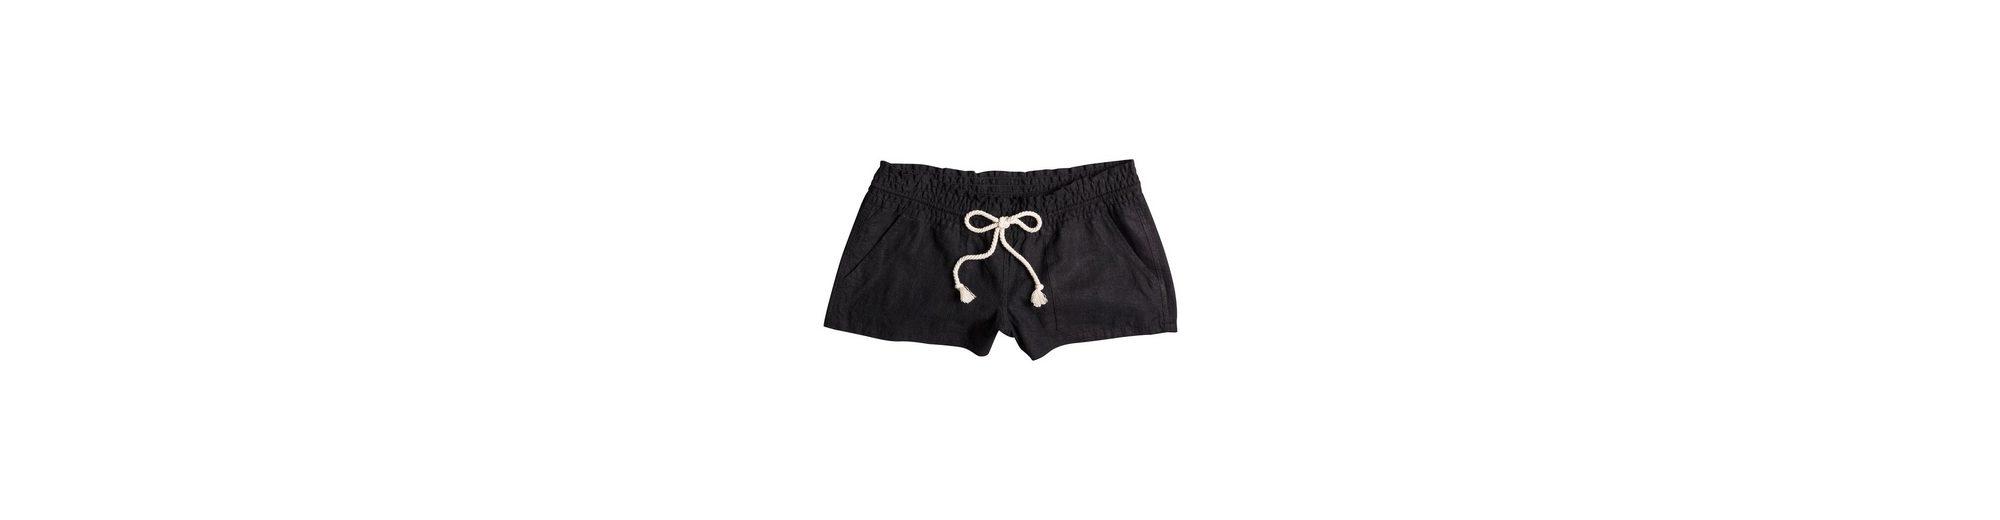 Mode-Stil Zu Verkaufen Günstig Kaufen Roxy Leinen Strand Shorts Oceanside Verkauf 100% Authentisch  Wie Viel Steckdose Suchen 13DQ7V61